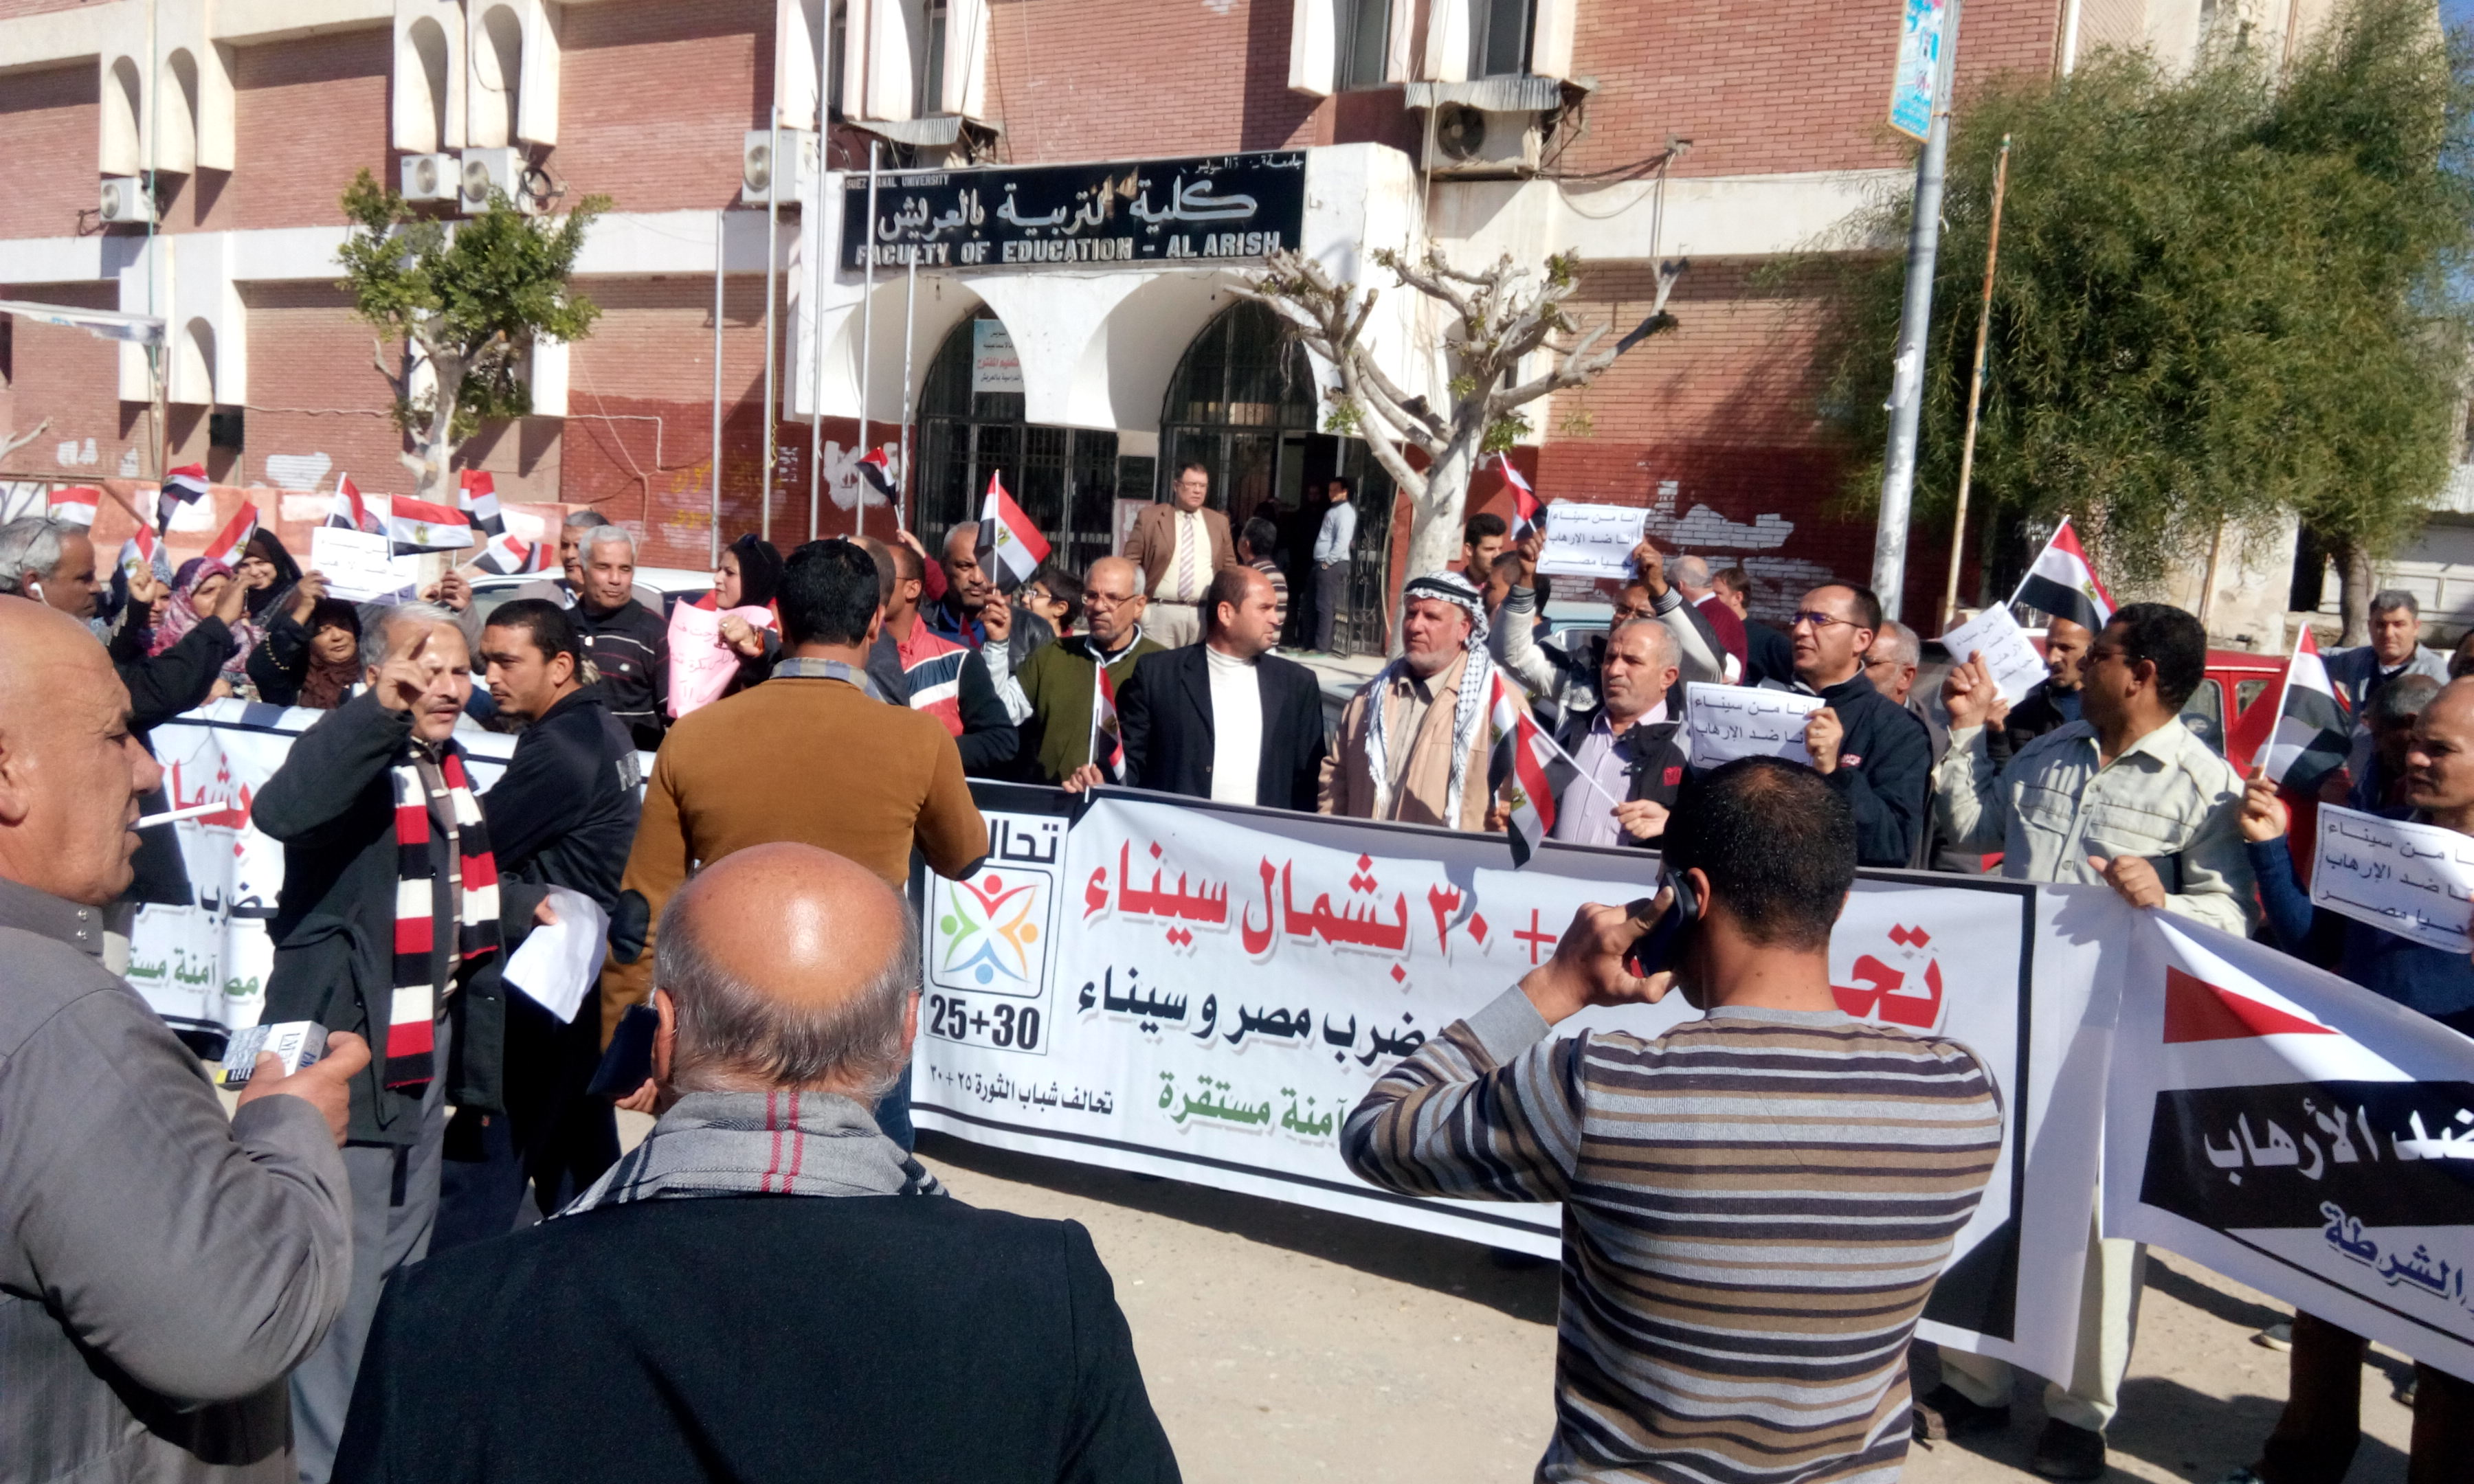 وقفة احتجاجية بشمال سيناء للتنديد بالارهاب وحدادا علي روج شهداء الواجب والوطن